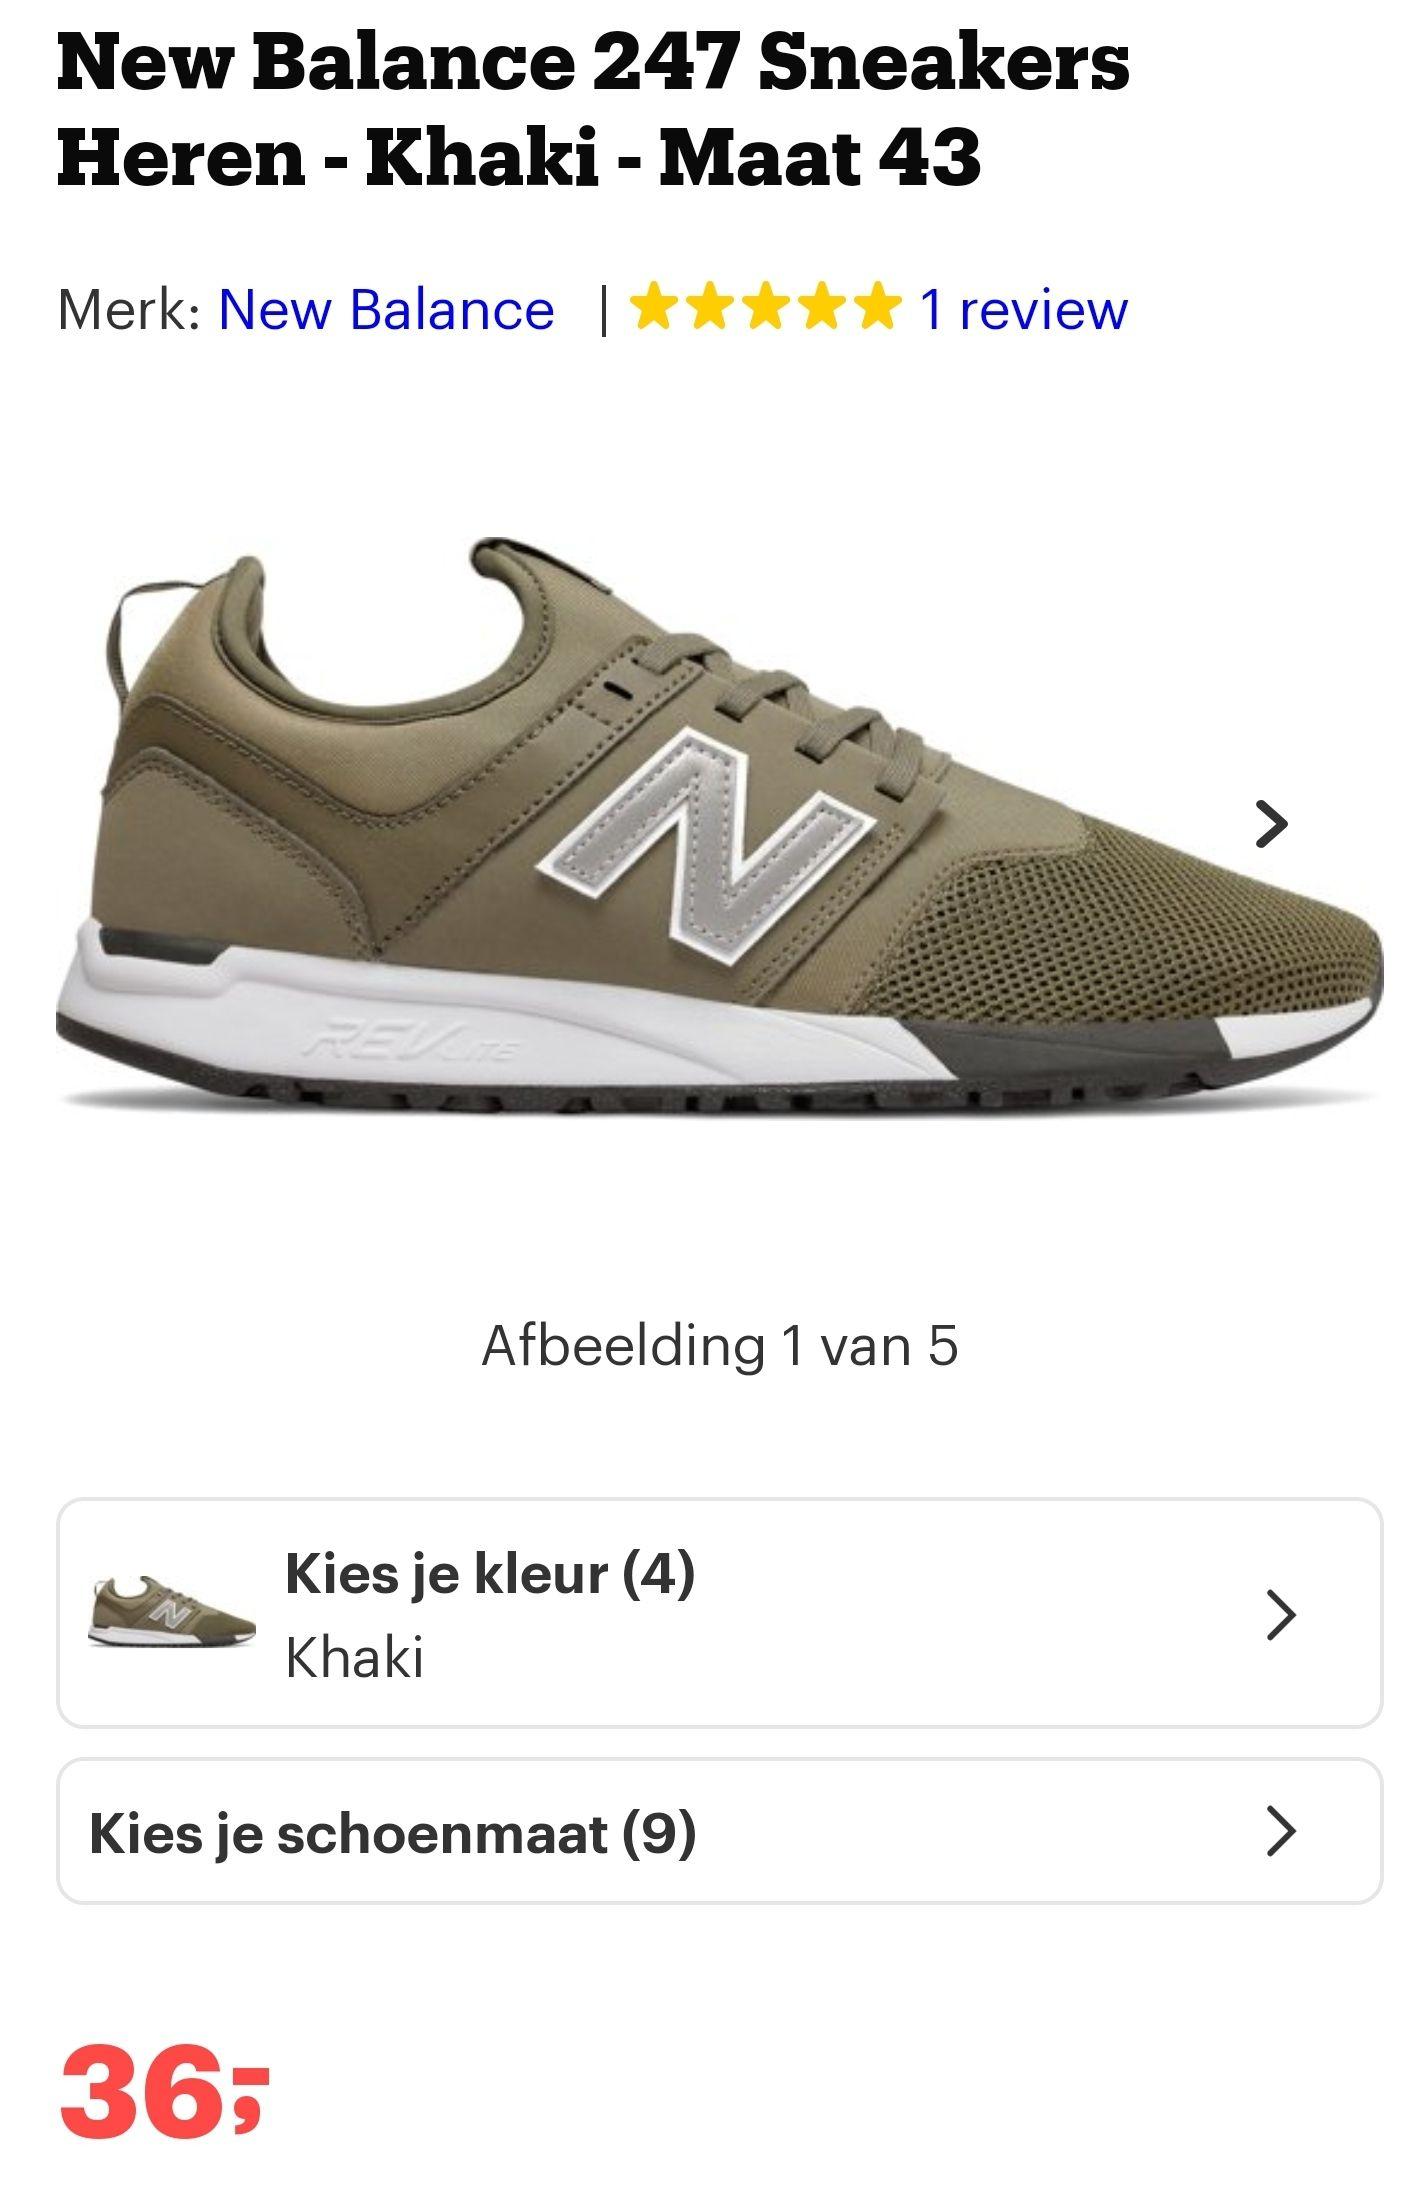 Nee Balance sneakers maat 43